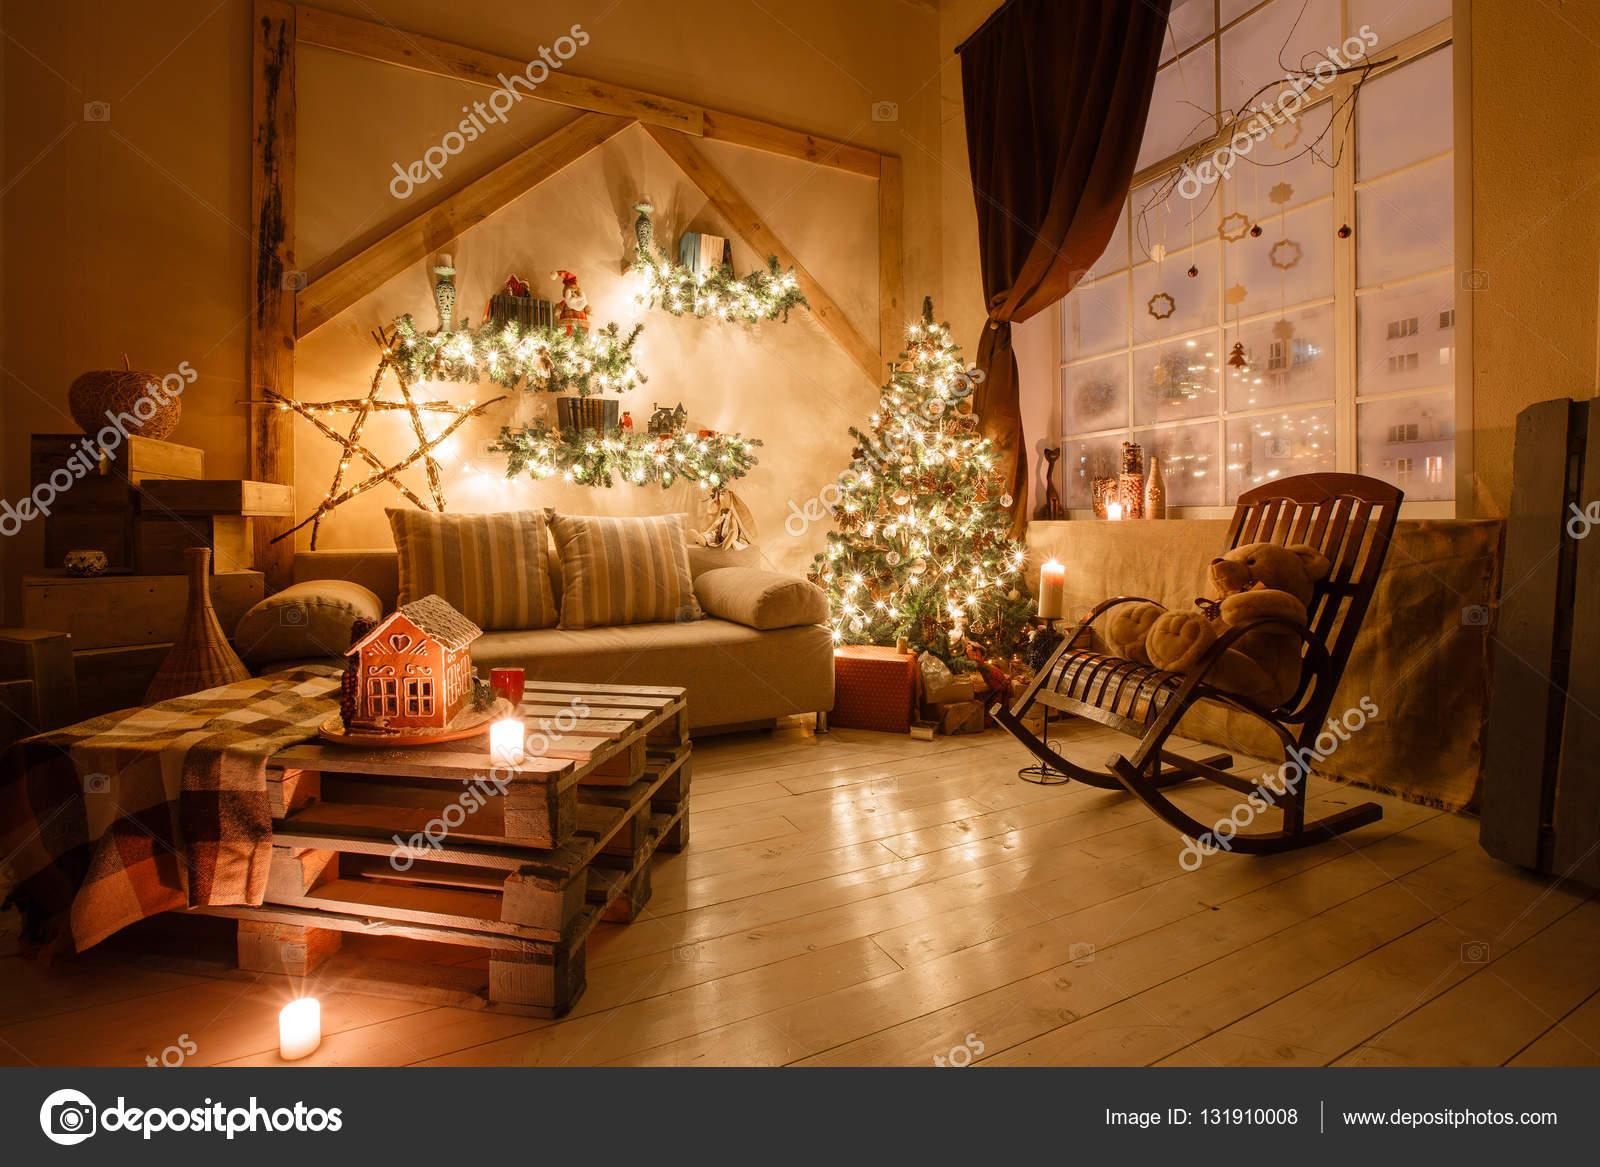 Ruhigen Bild von innen moderne heimische Wohnzimmer dekoriert ...